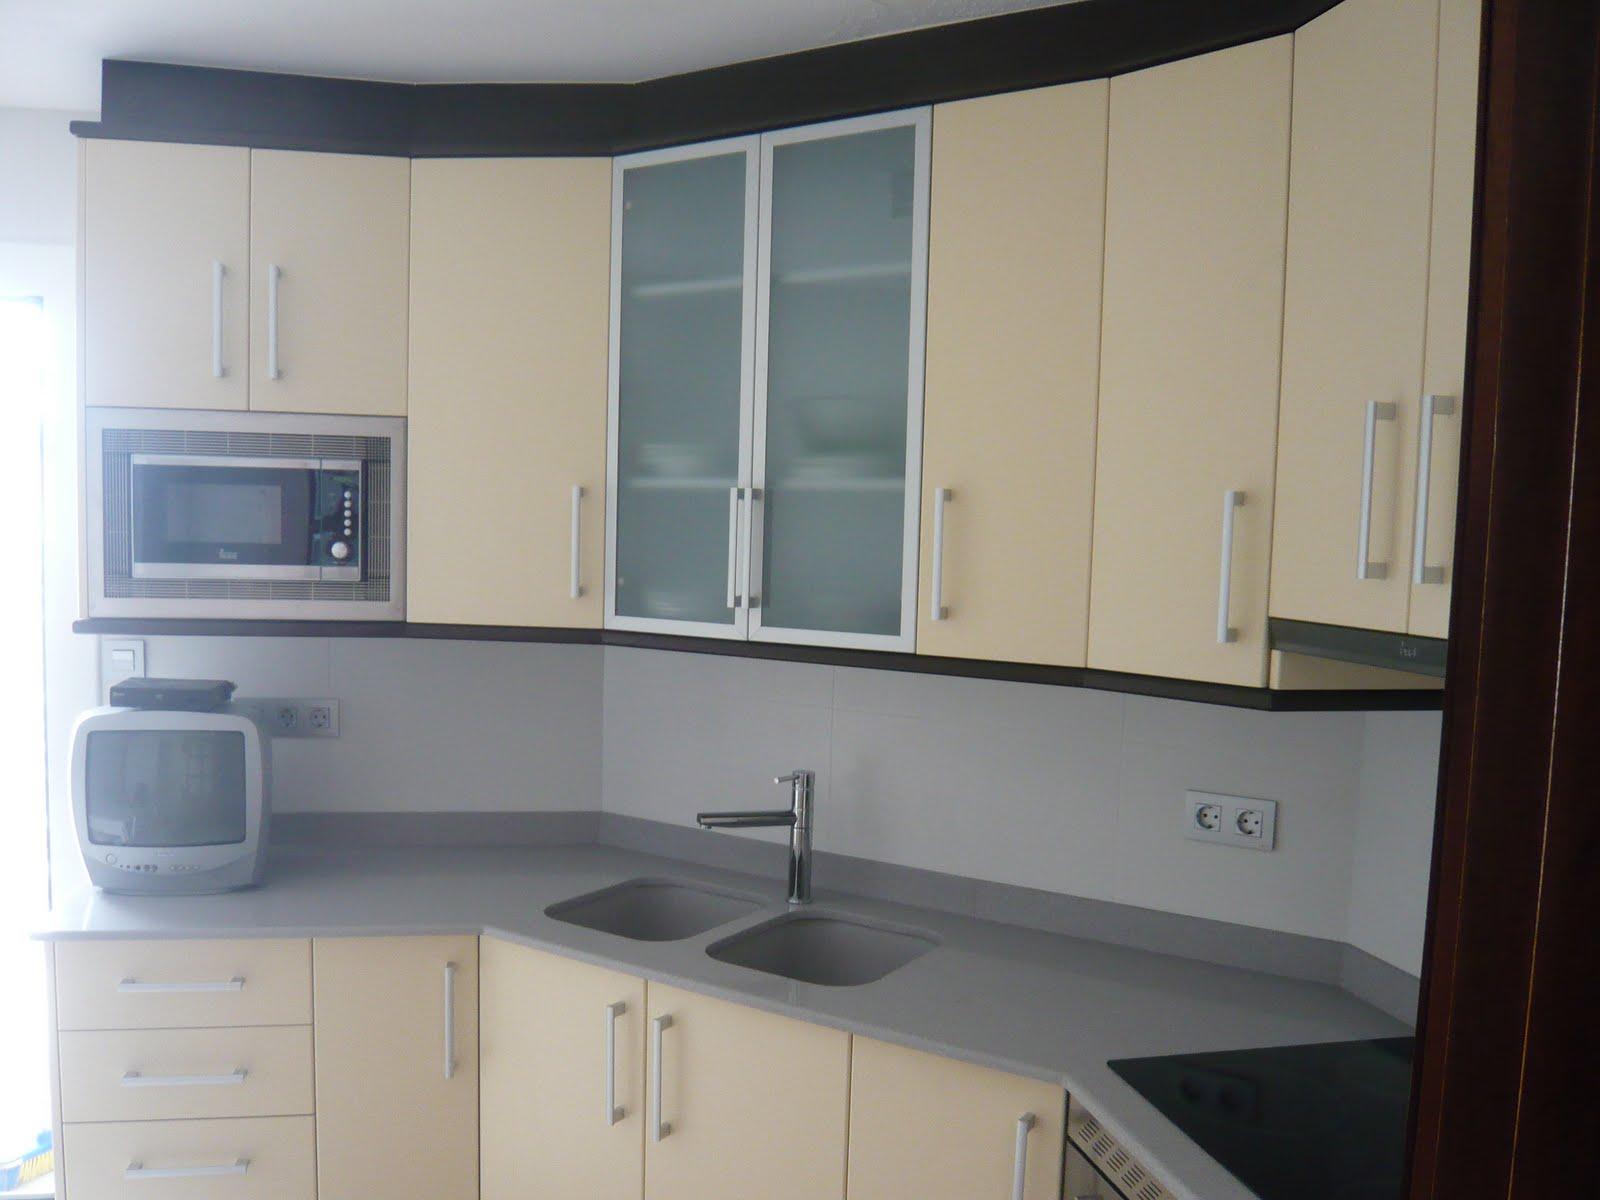 Reuscuina muebles de cocina adaptados a la forma de la cocina for Muebles de cocina la oportunidad